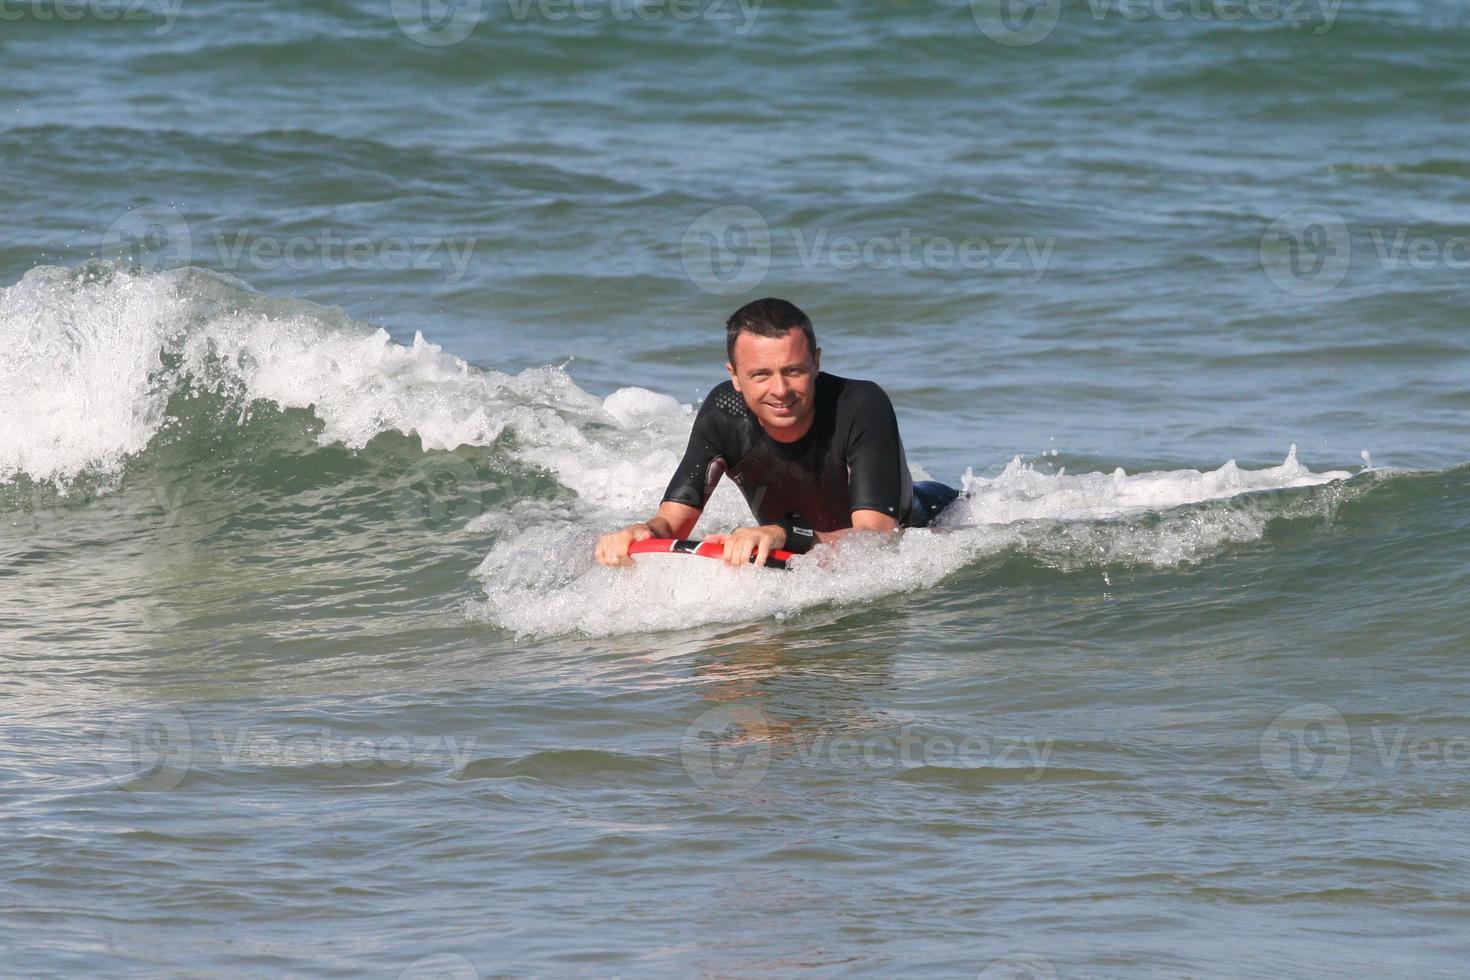 Mann surft Welle foto